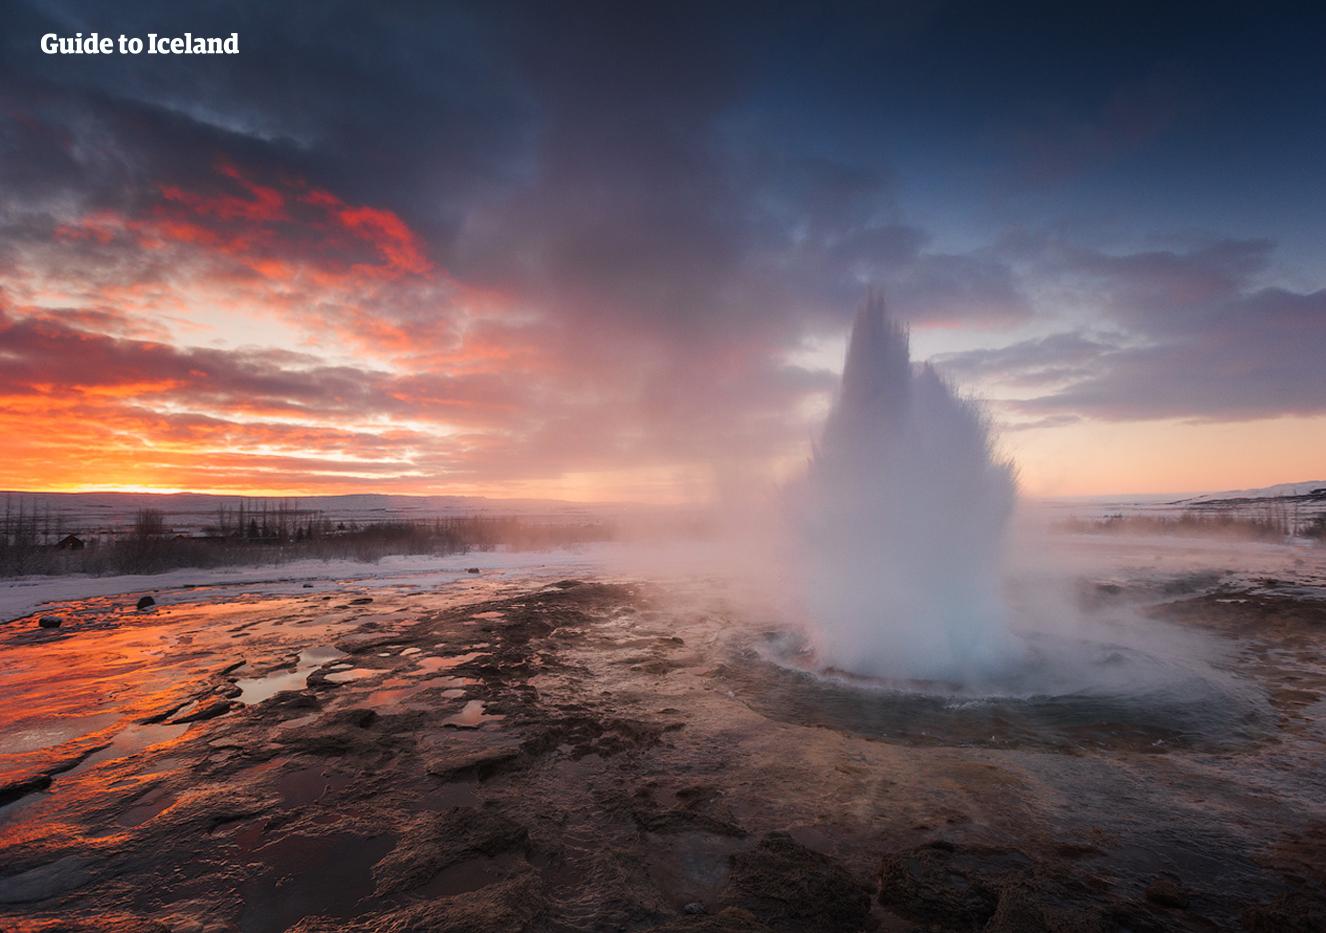 골든써클 여행코스에서 볼 수 있는 게이시르 간헐천, 스트로쿠루. 차가운 공기밖으로 힘차게 물을 뿜어냅니다.